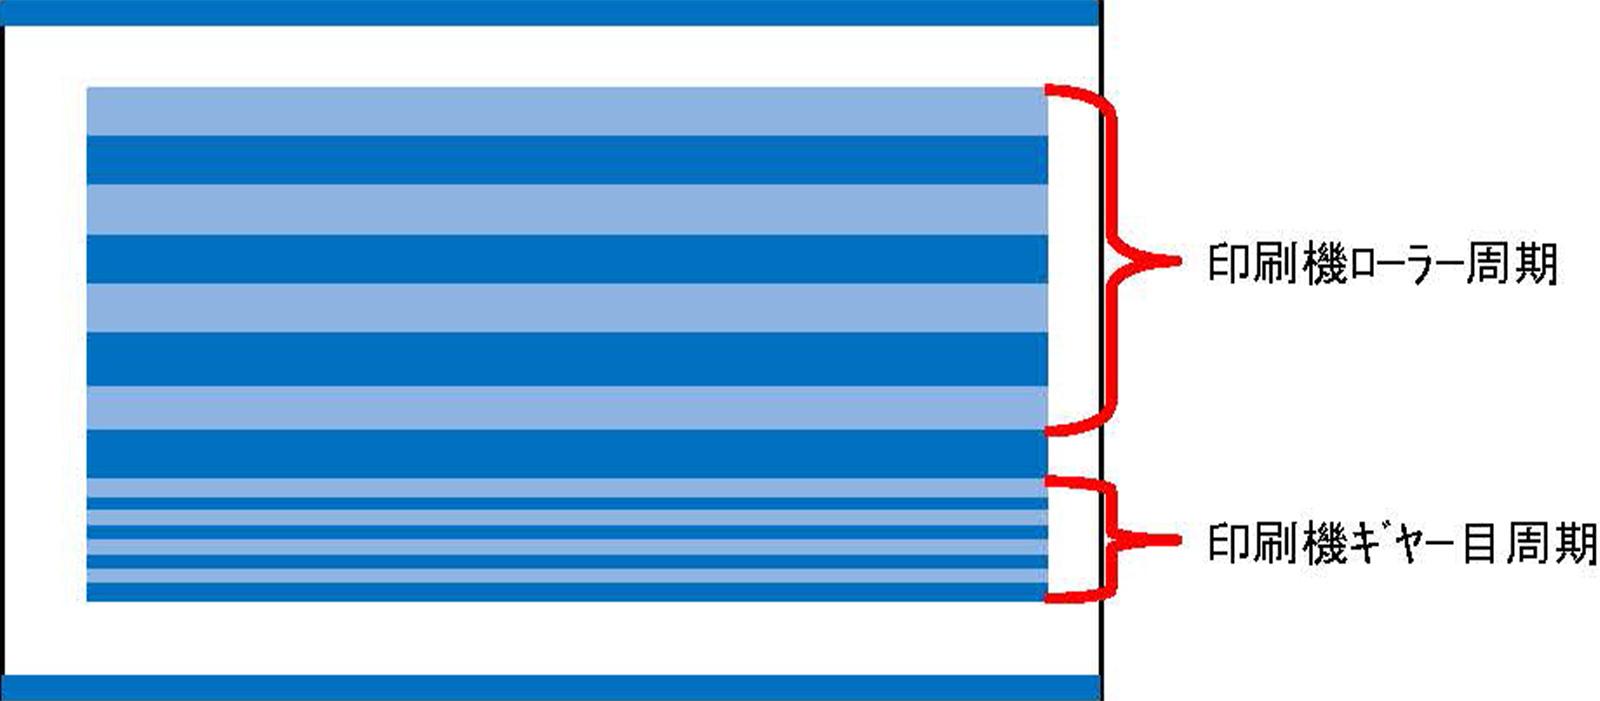 左右方向に等間隔で感光層が摩耗している画像